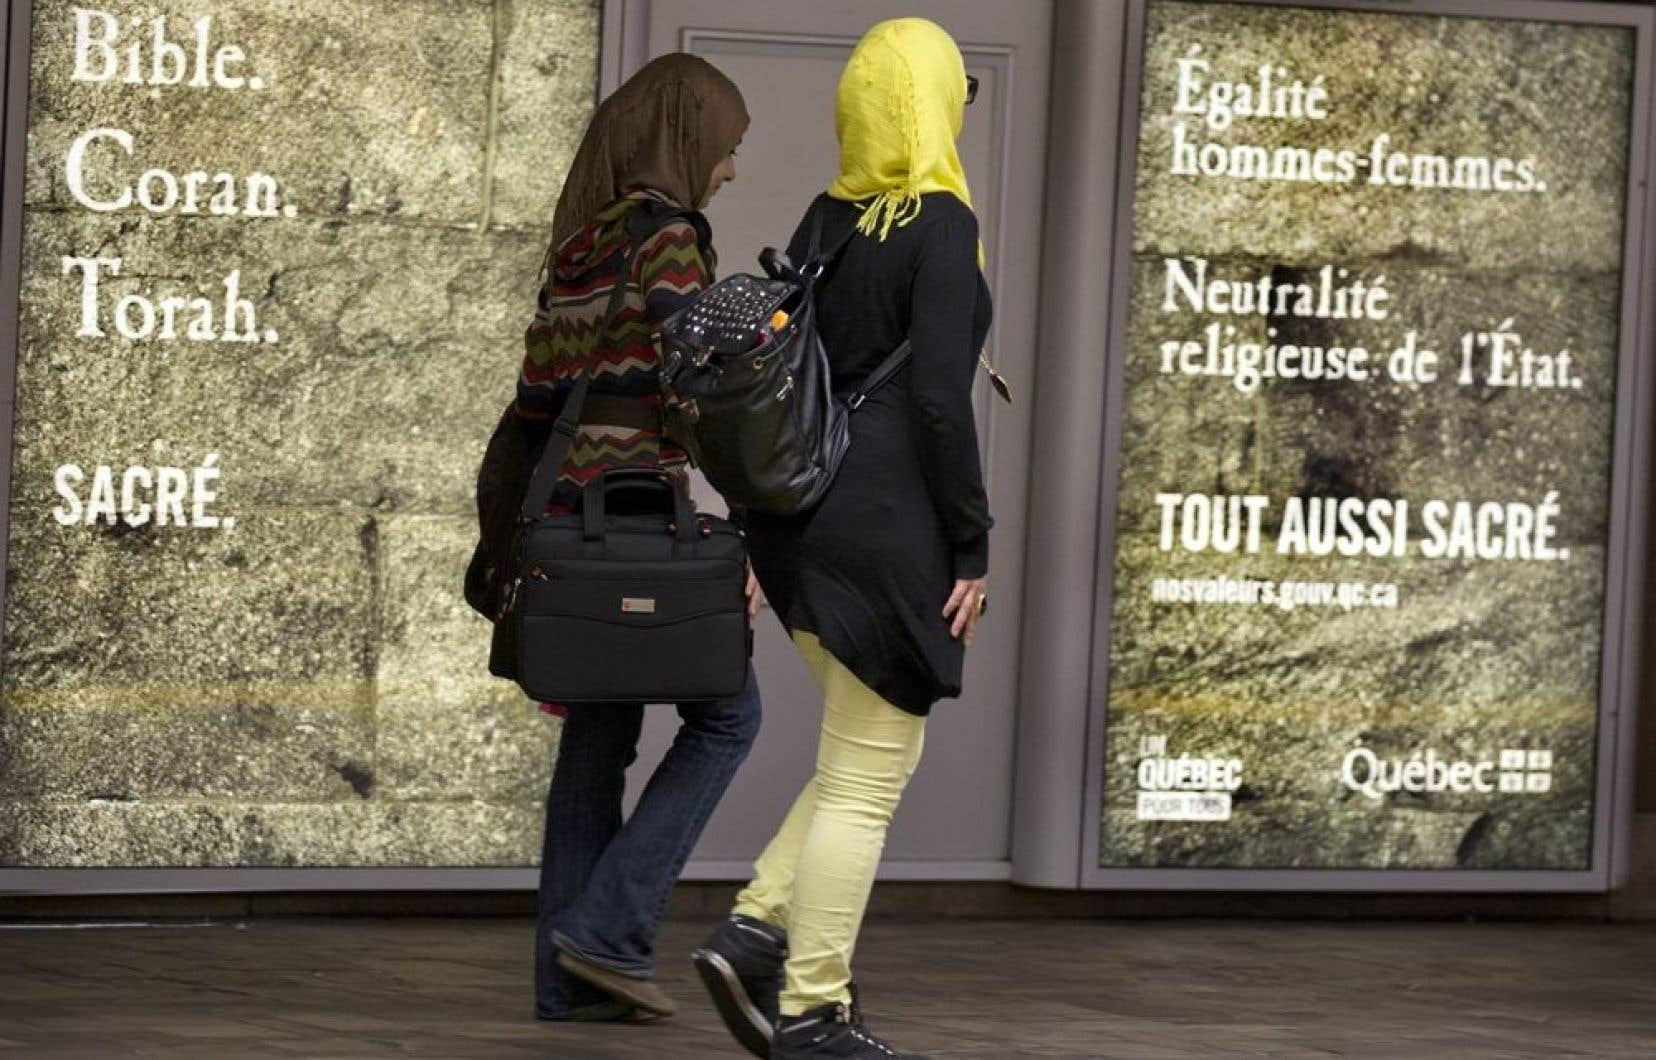 La directrice générale de l'AQESSS, Diane Lavallée, demande à Québec d'exempter les 230 000 travailleurs de la santé de l'article de la charte des valeurs québécoises sur le port de signes religieux ostentatoires.